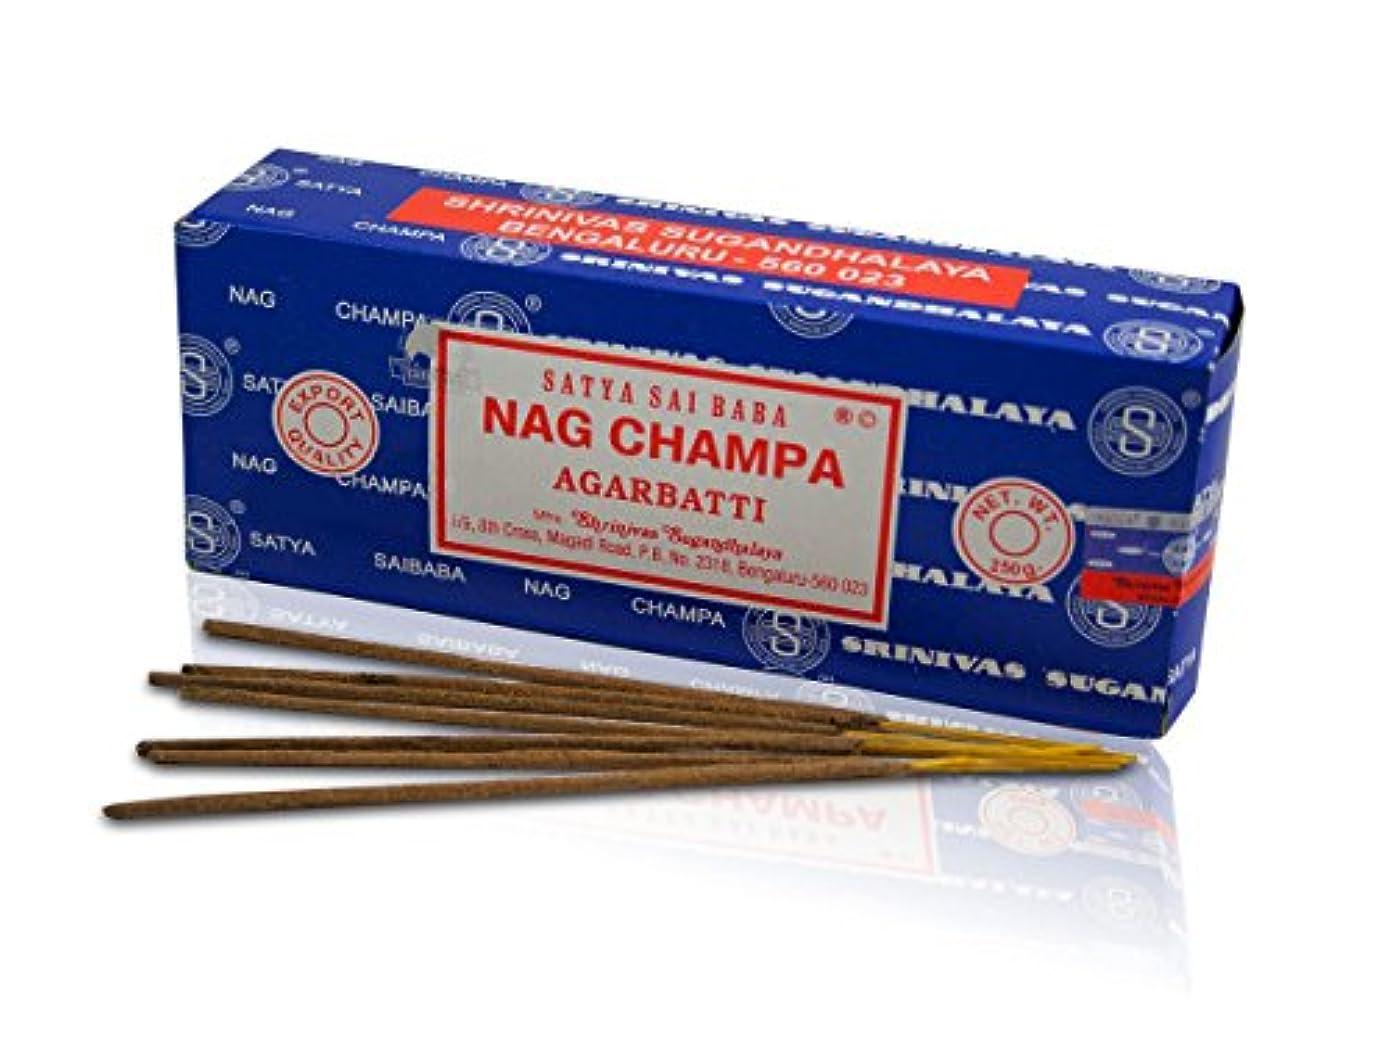 メインダイジェストマグSatya Nag Champa 250gms お香スティック。 Standard version ブルー 8541863547